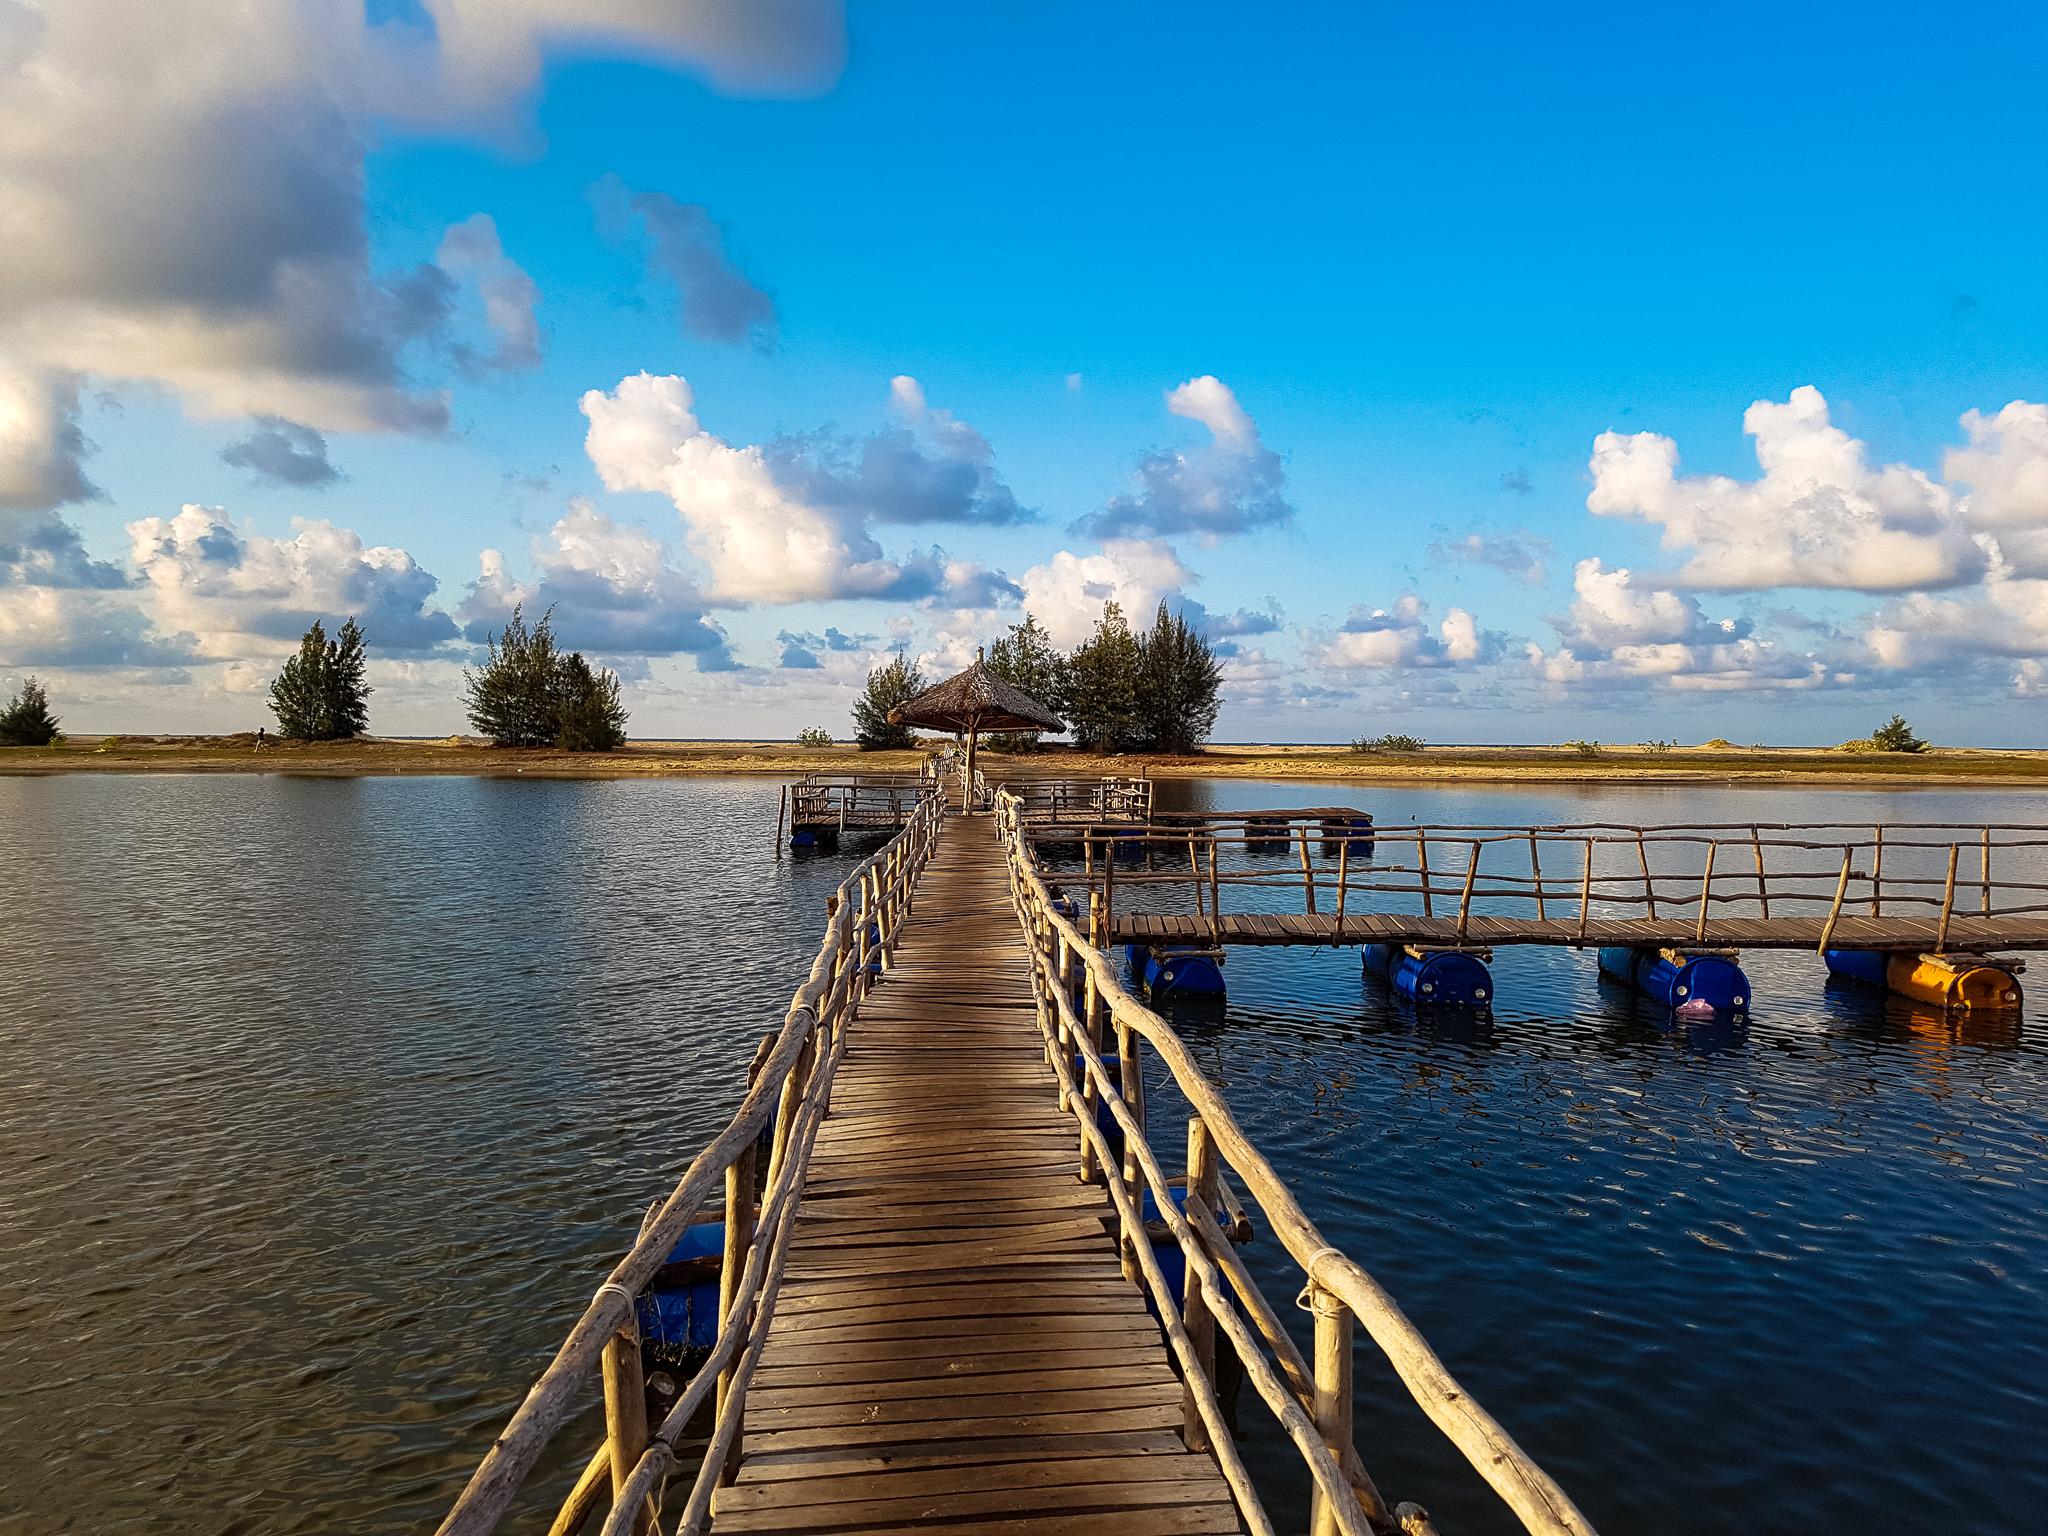 Kết quả hình ảnh cho bài viết về biển hồ cốc